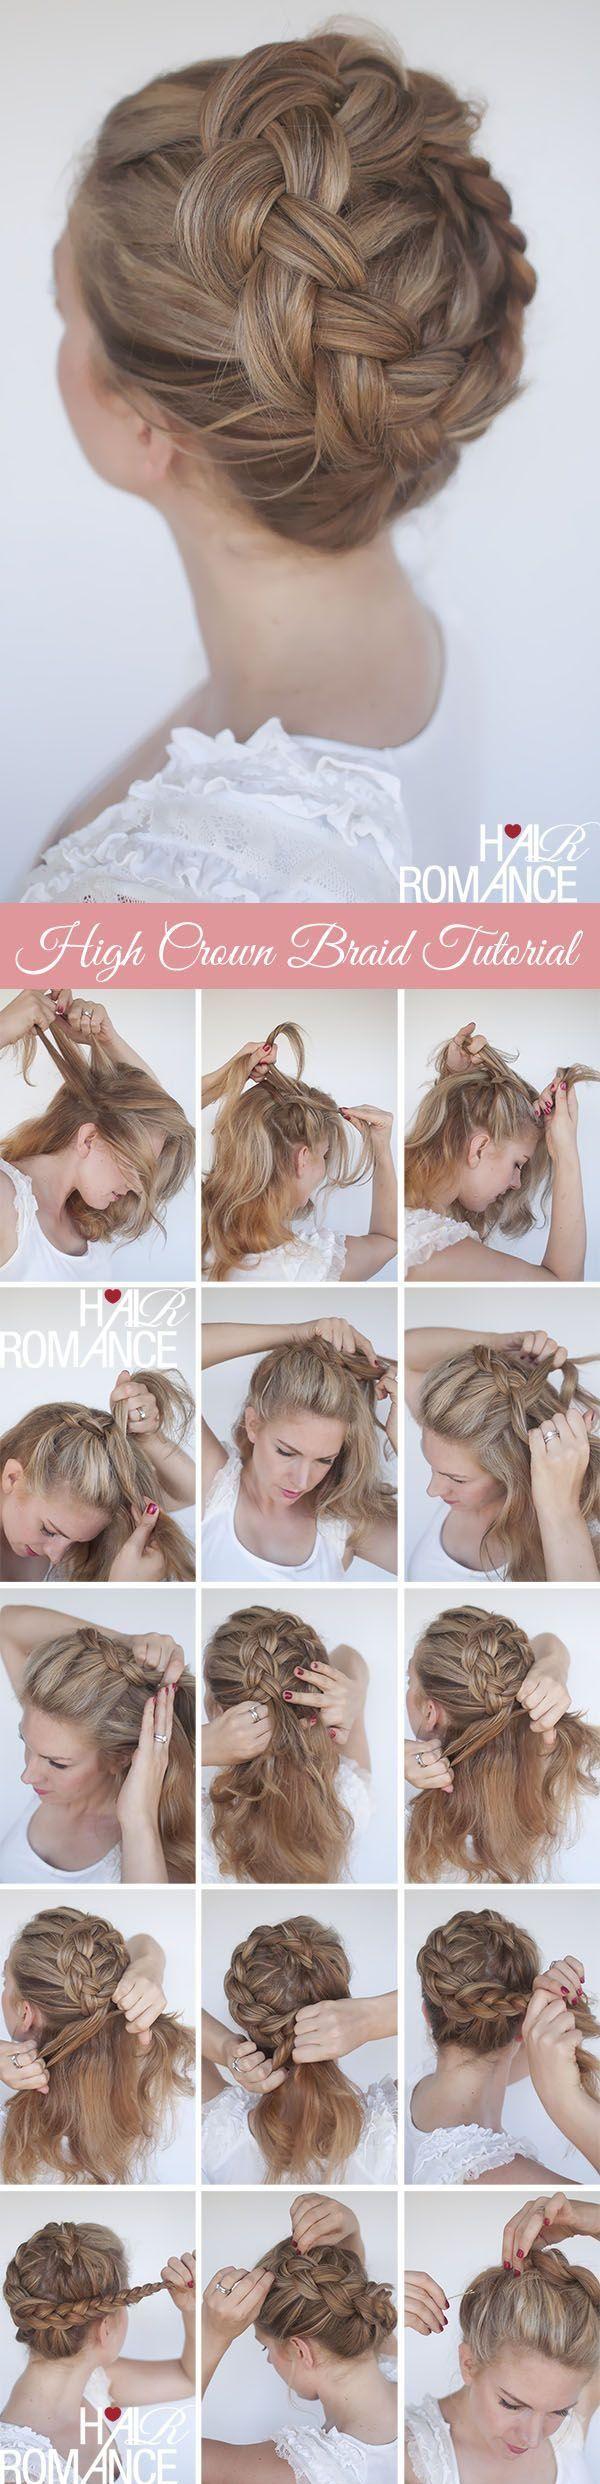 Loving this braided hair tutorial cute idea for bridesmaids hair